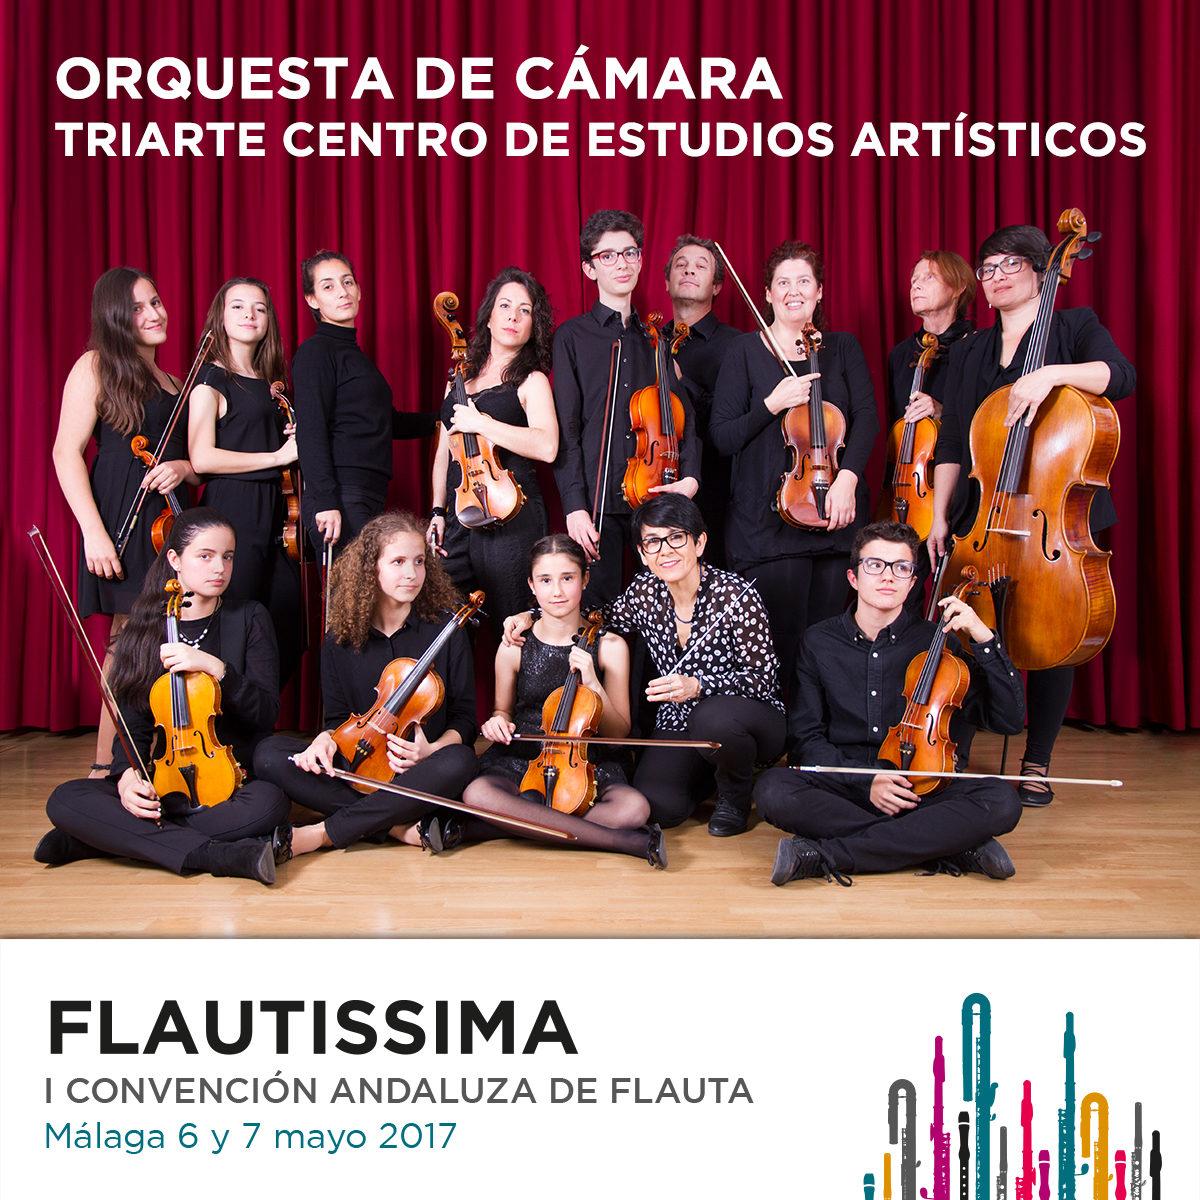 Orquesta Cámara Triarte Flautissima